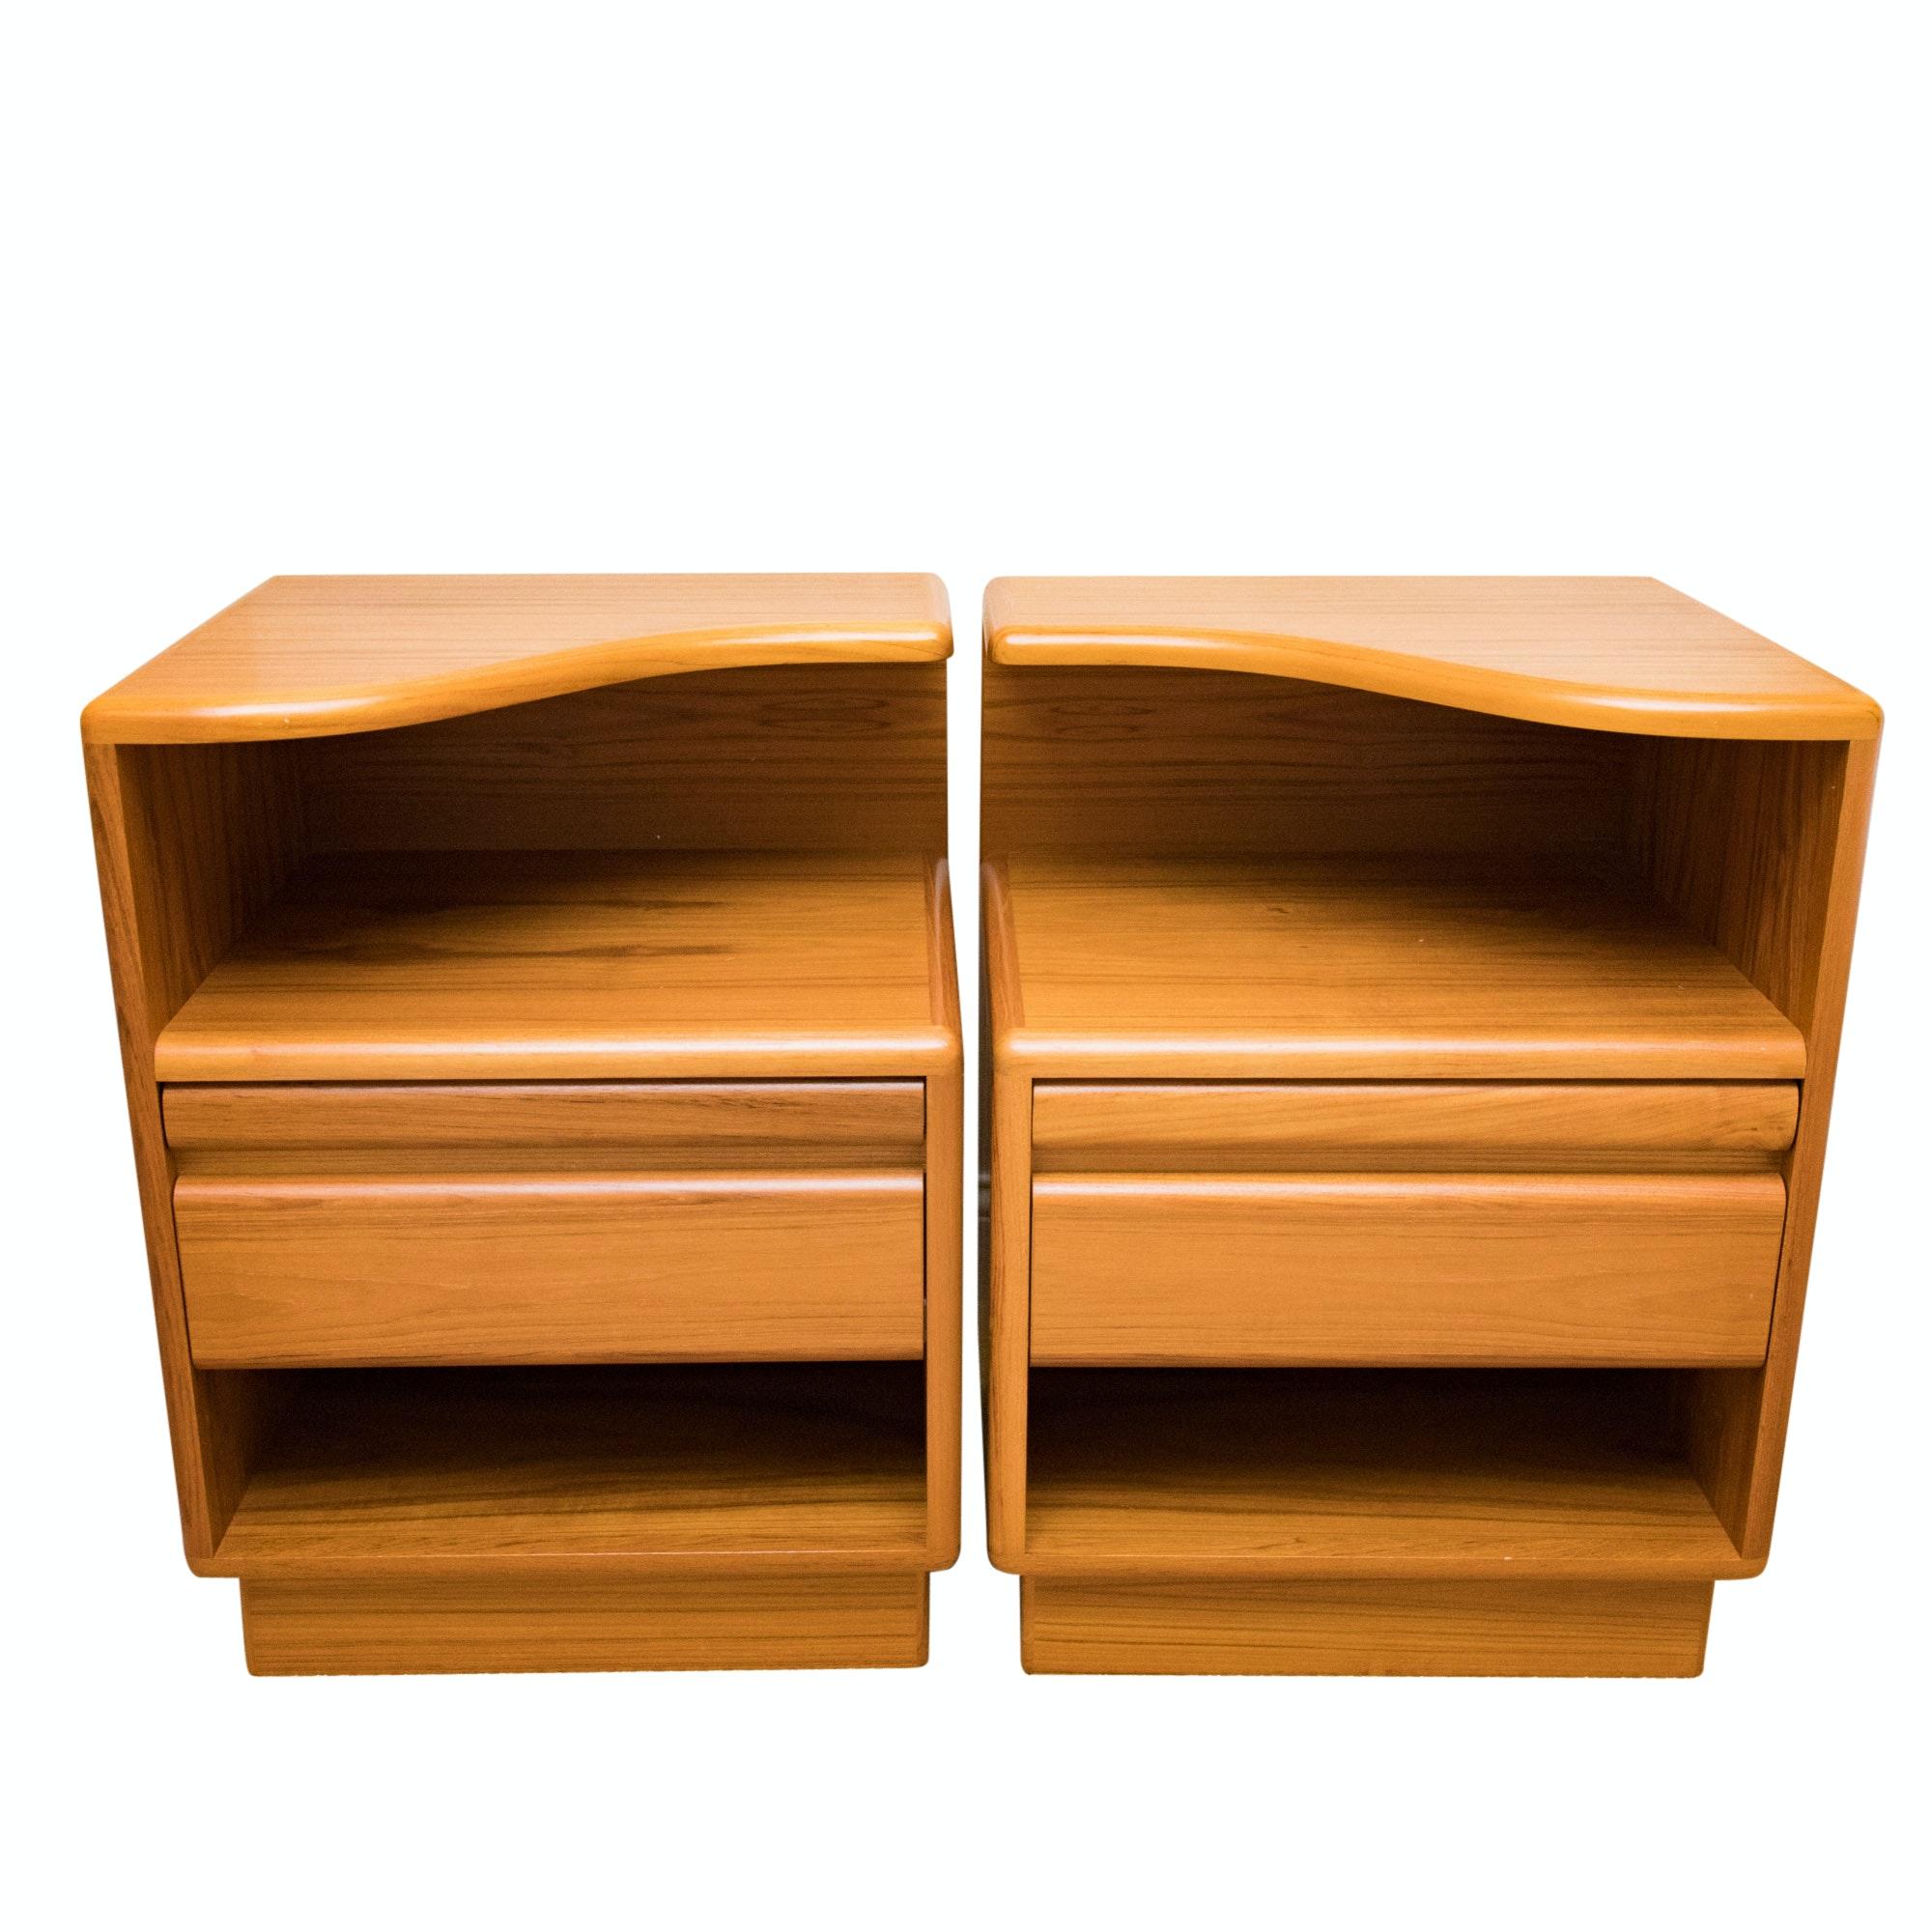 Pair of Teak Nightstands by Otmar Furniture